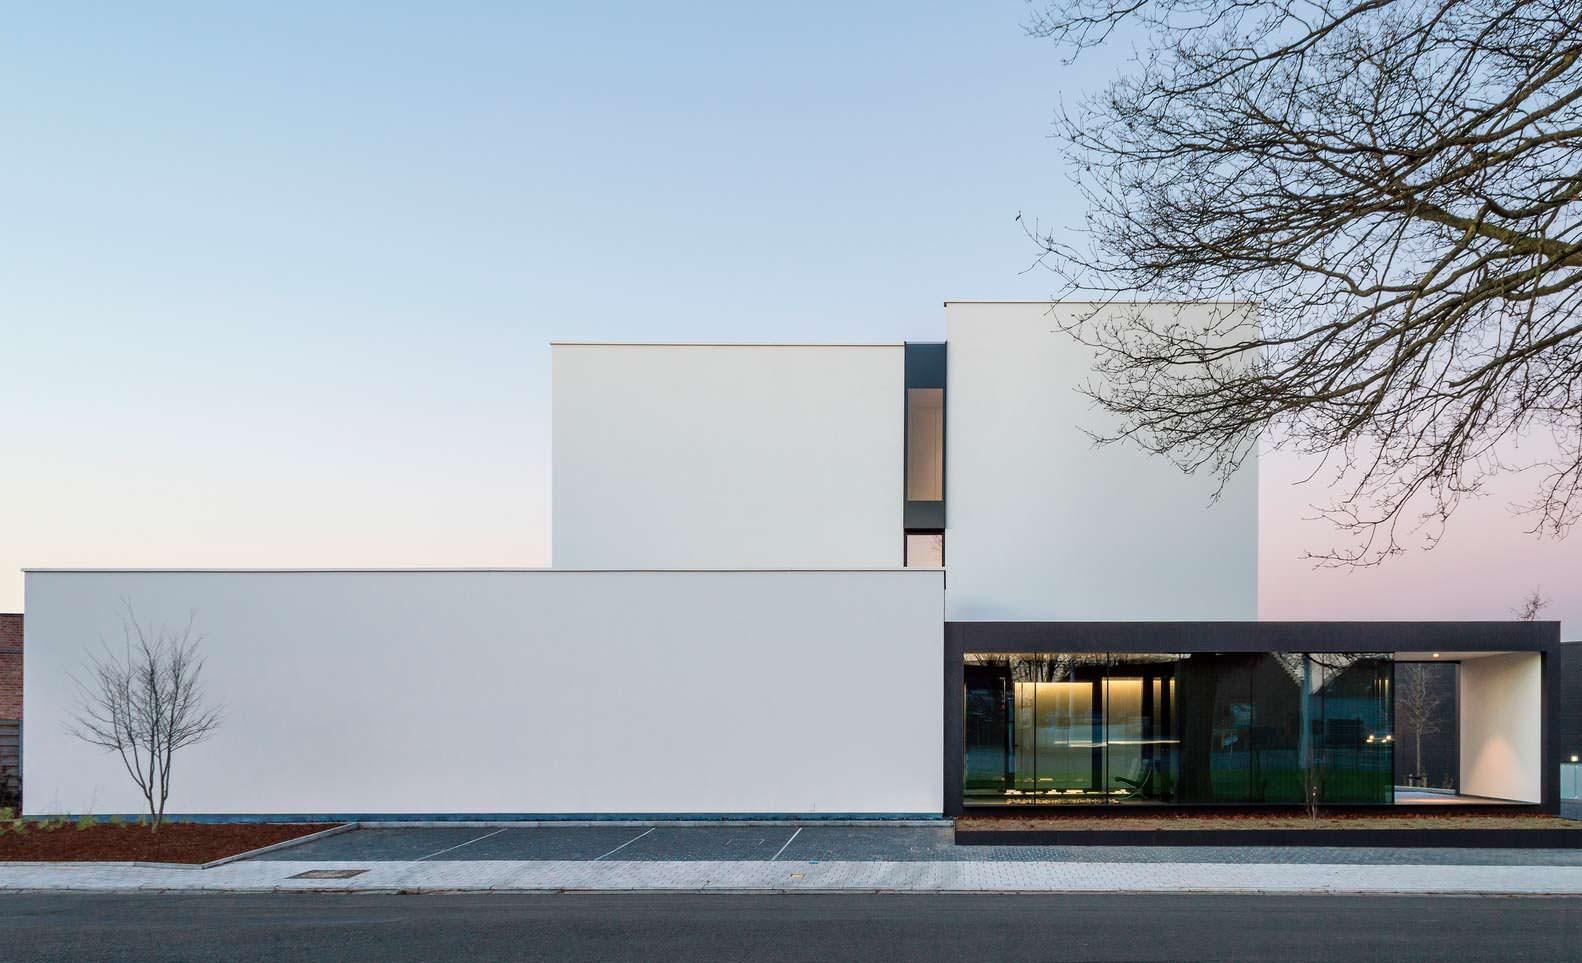 Современный дом в стиле минимализм в городе Тилт, Бельгия